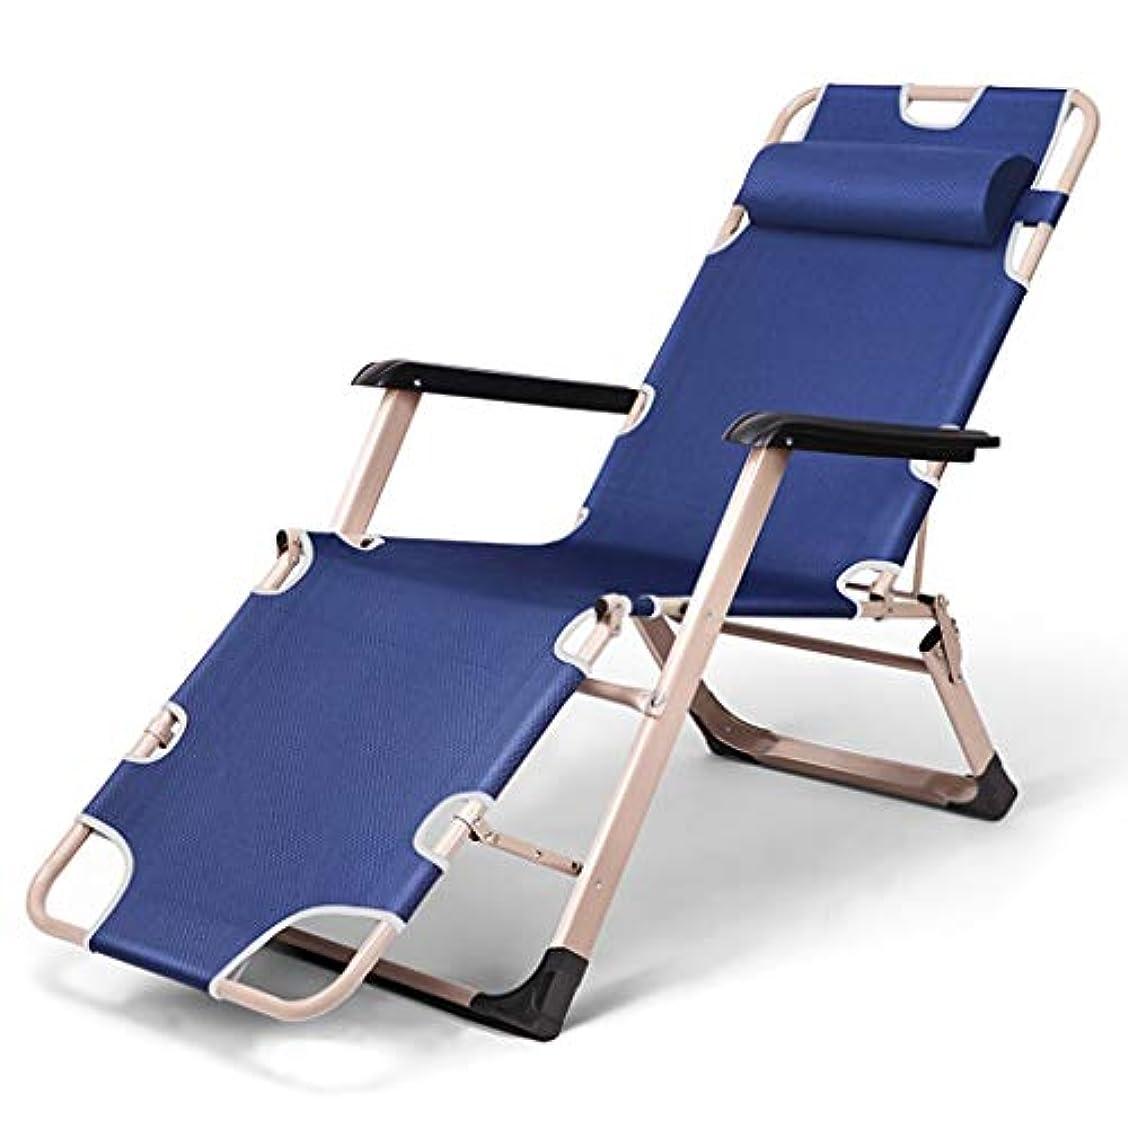 インサートロボットチラチラするサンラウンジャー、折りたたみ式ベッドチェア、シングルオフィスの仮眠ベッド、昼食用ベッド、怠惰な背もたれ椅子、ポータブルラウンジチェア SAN_Y (色 : Blue plus thick cotton pad)